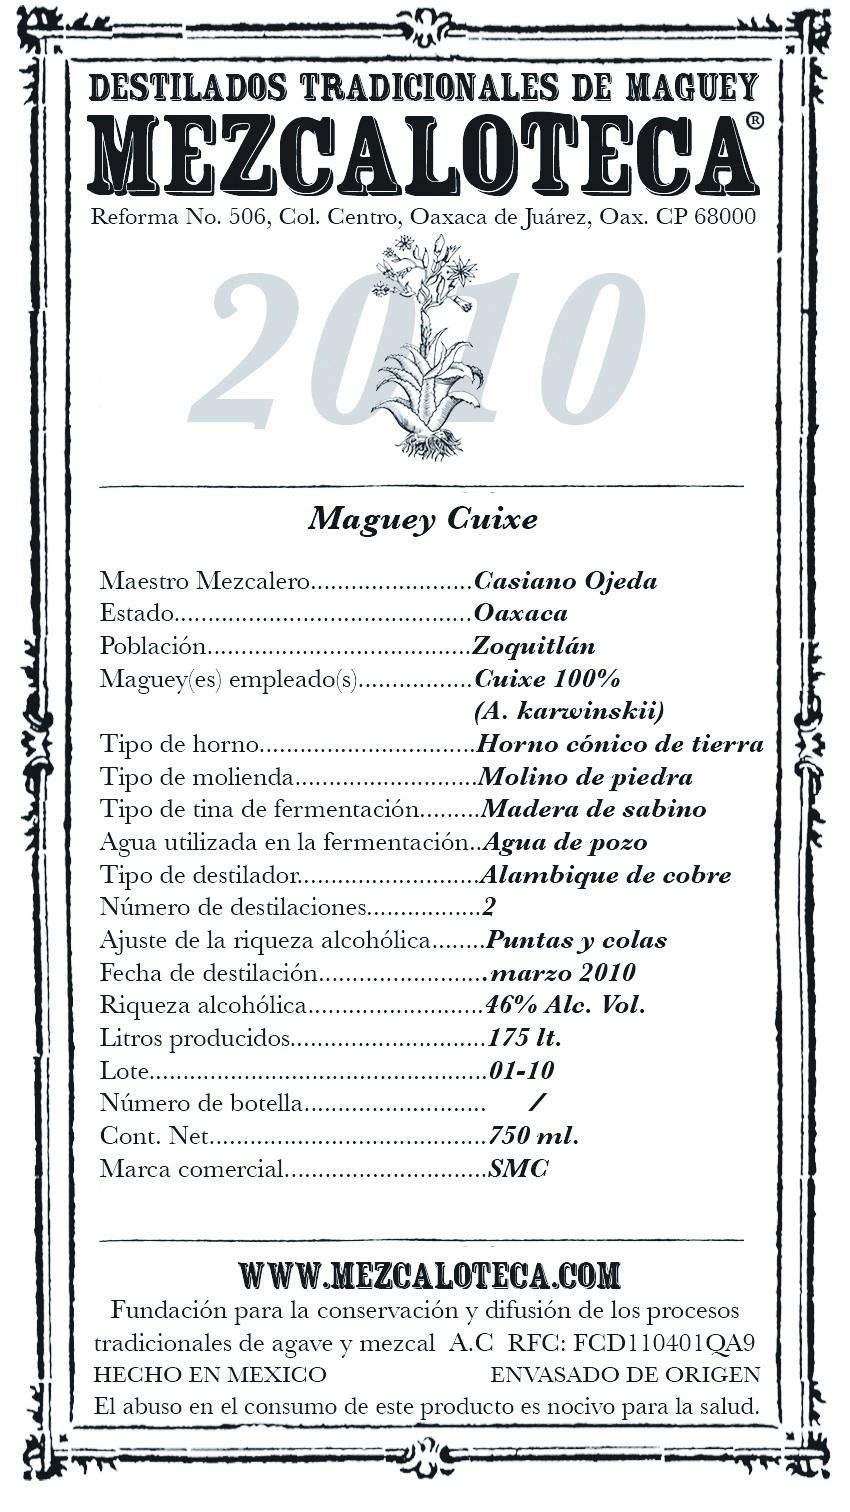 cuixe.CO.2010.750ok web.jpg